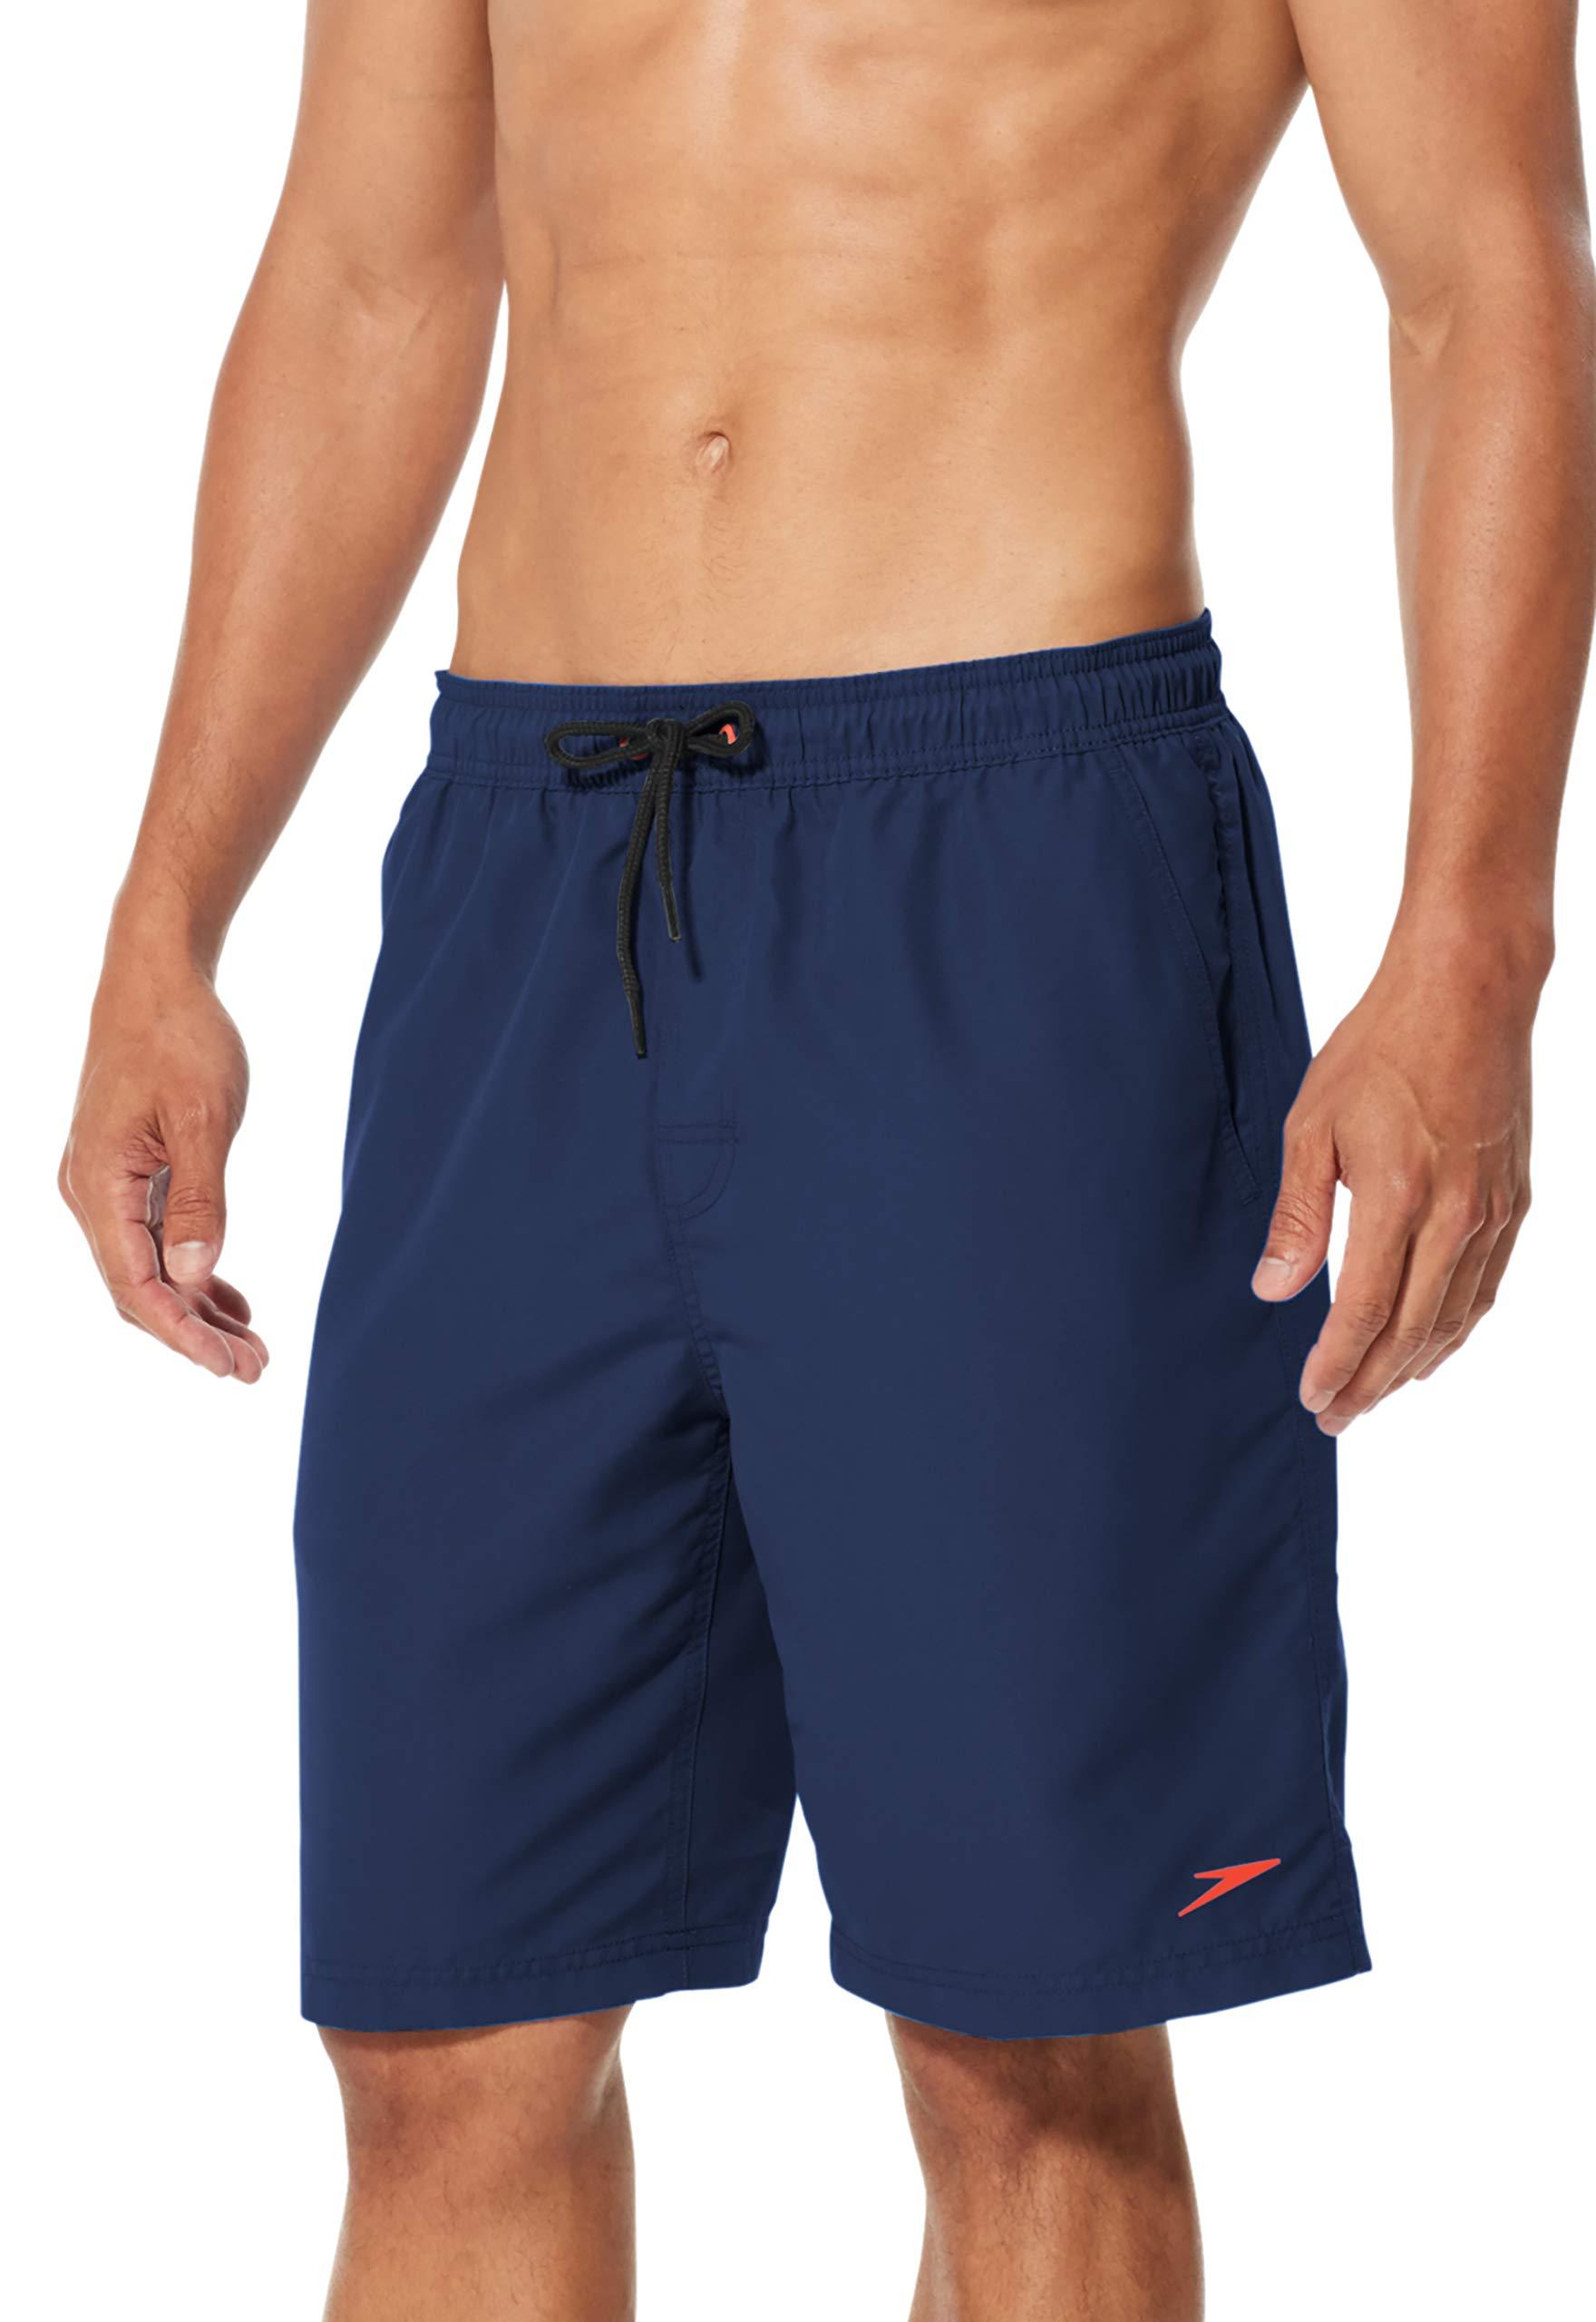 Speedo Men's Comfort Liner Volley 20'' Watershort, Navy, Large by Speedo